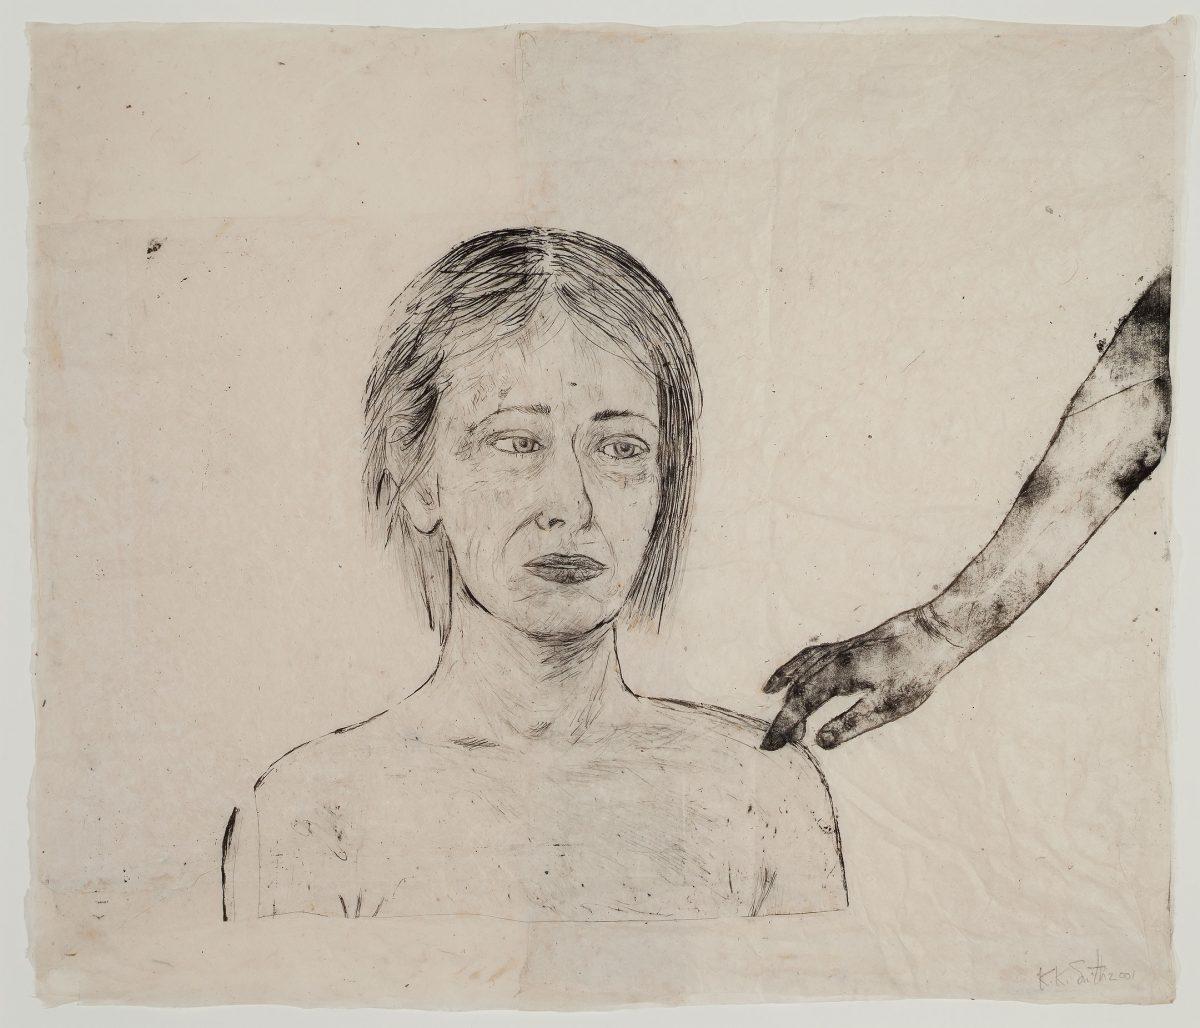 Sans titre, 2001, Kiki Smith, Techniques mixtes sur papier découpé, collé et superposé.